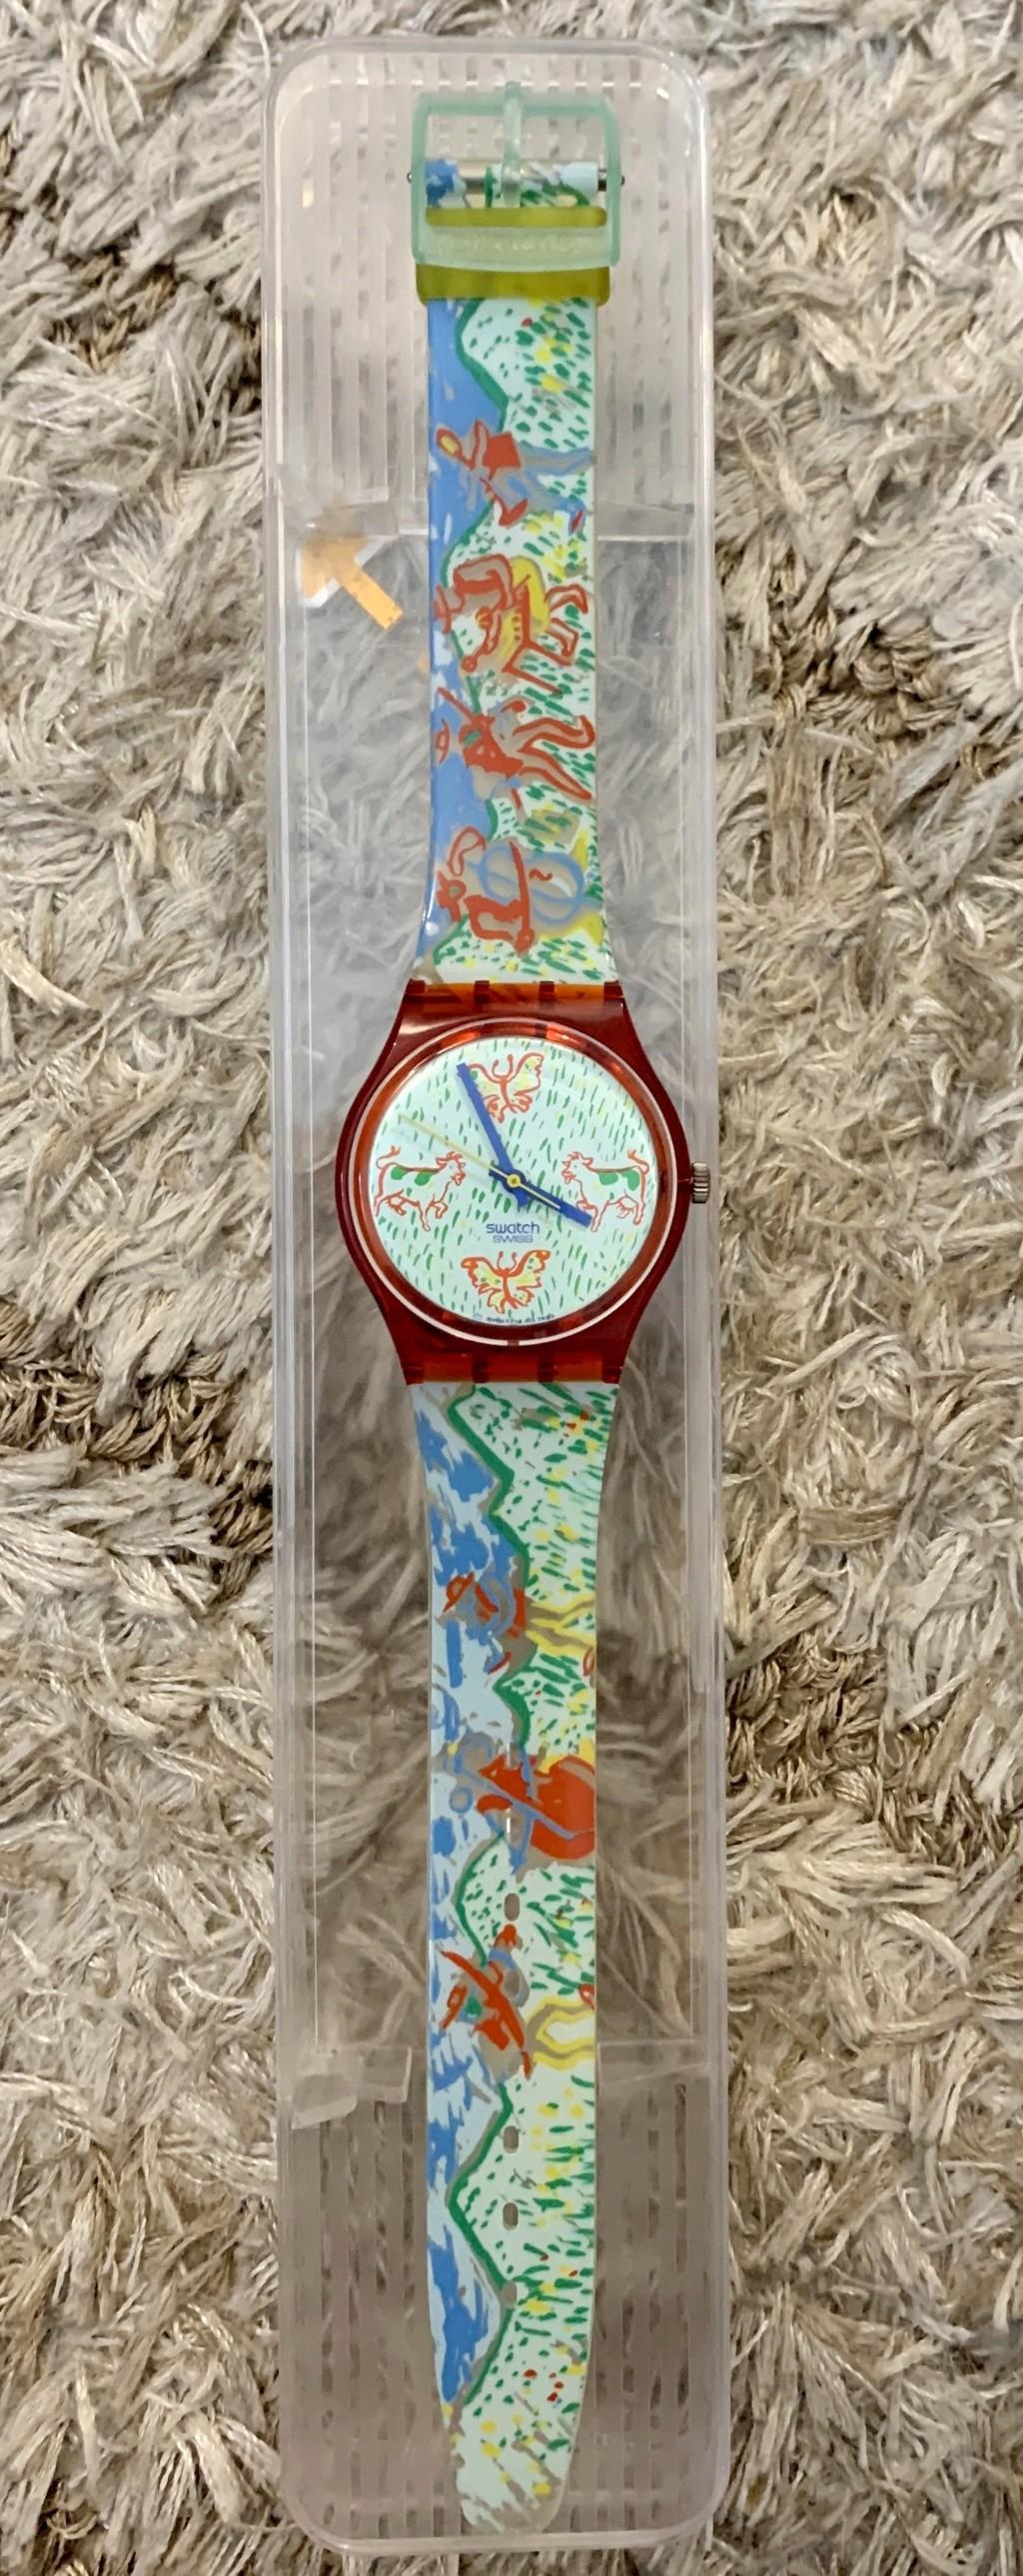 VENDUE - collection de Swatch 410